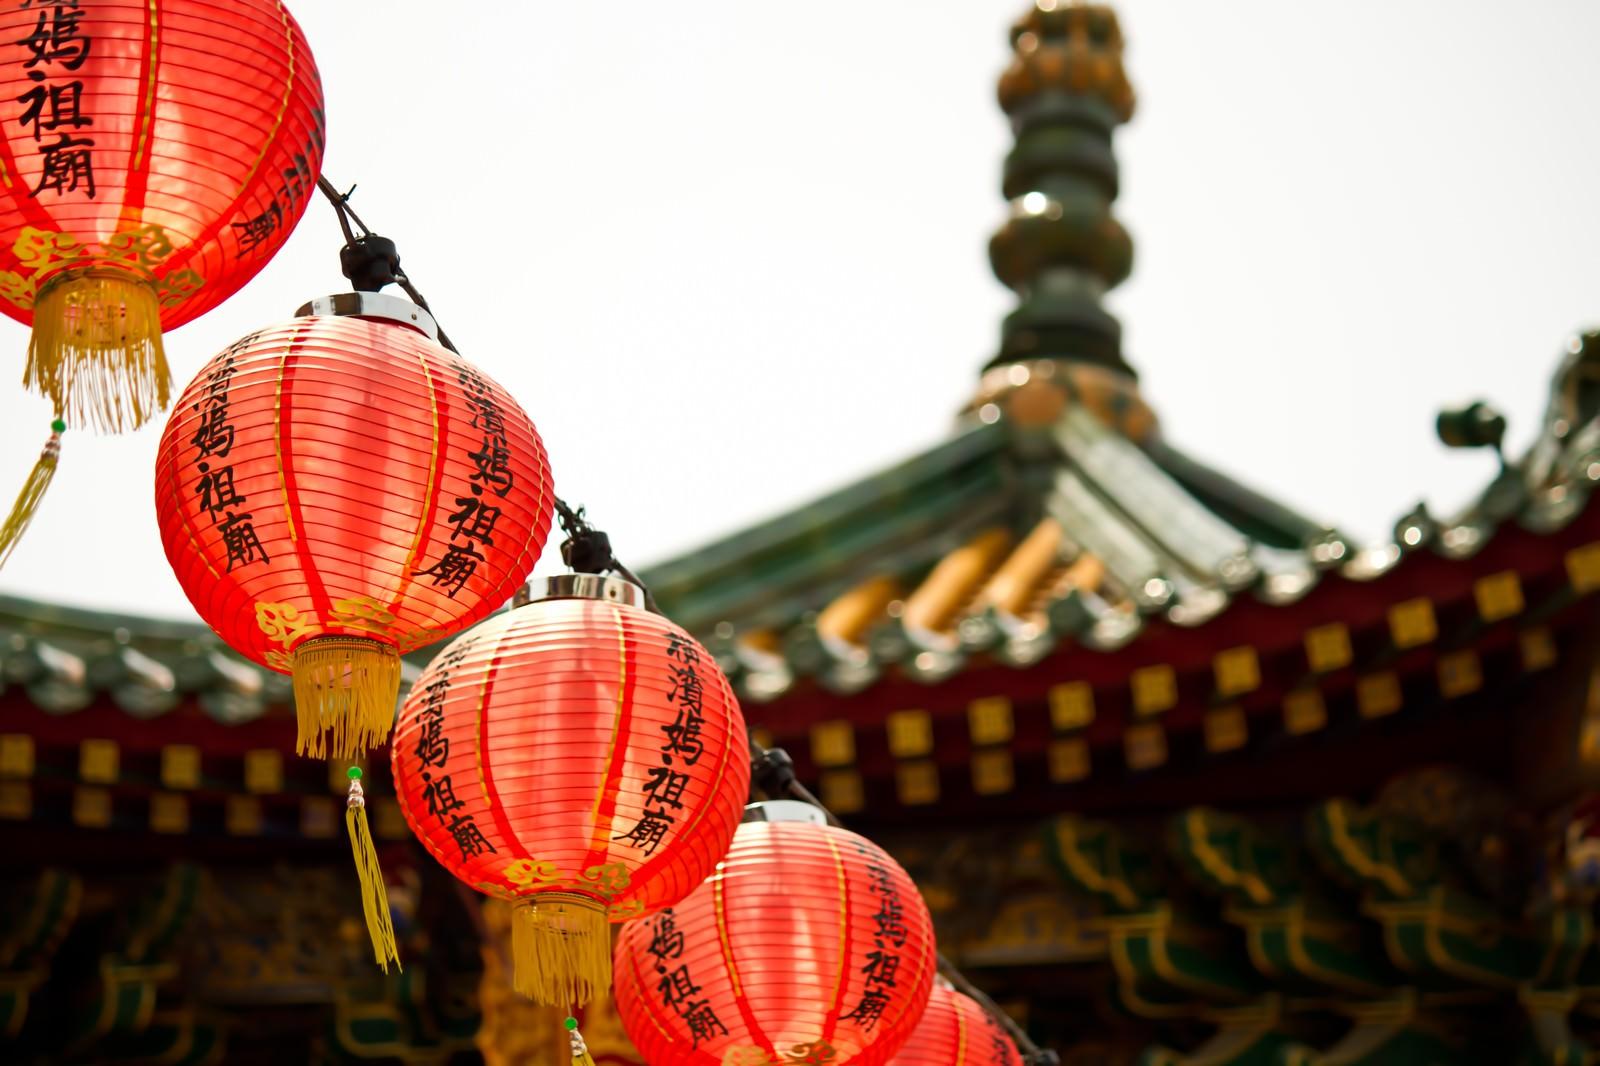 「横浜中華街の提灯」の写真